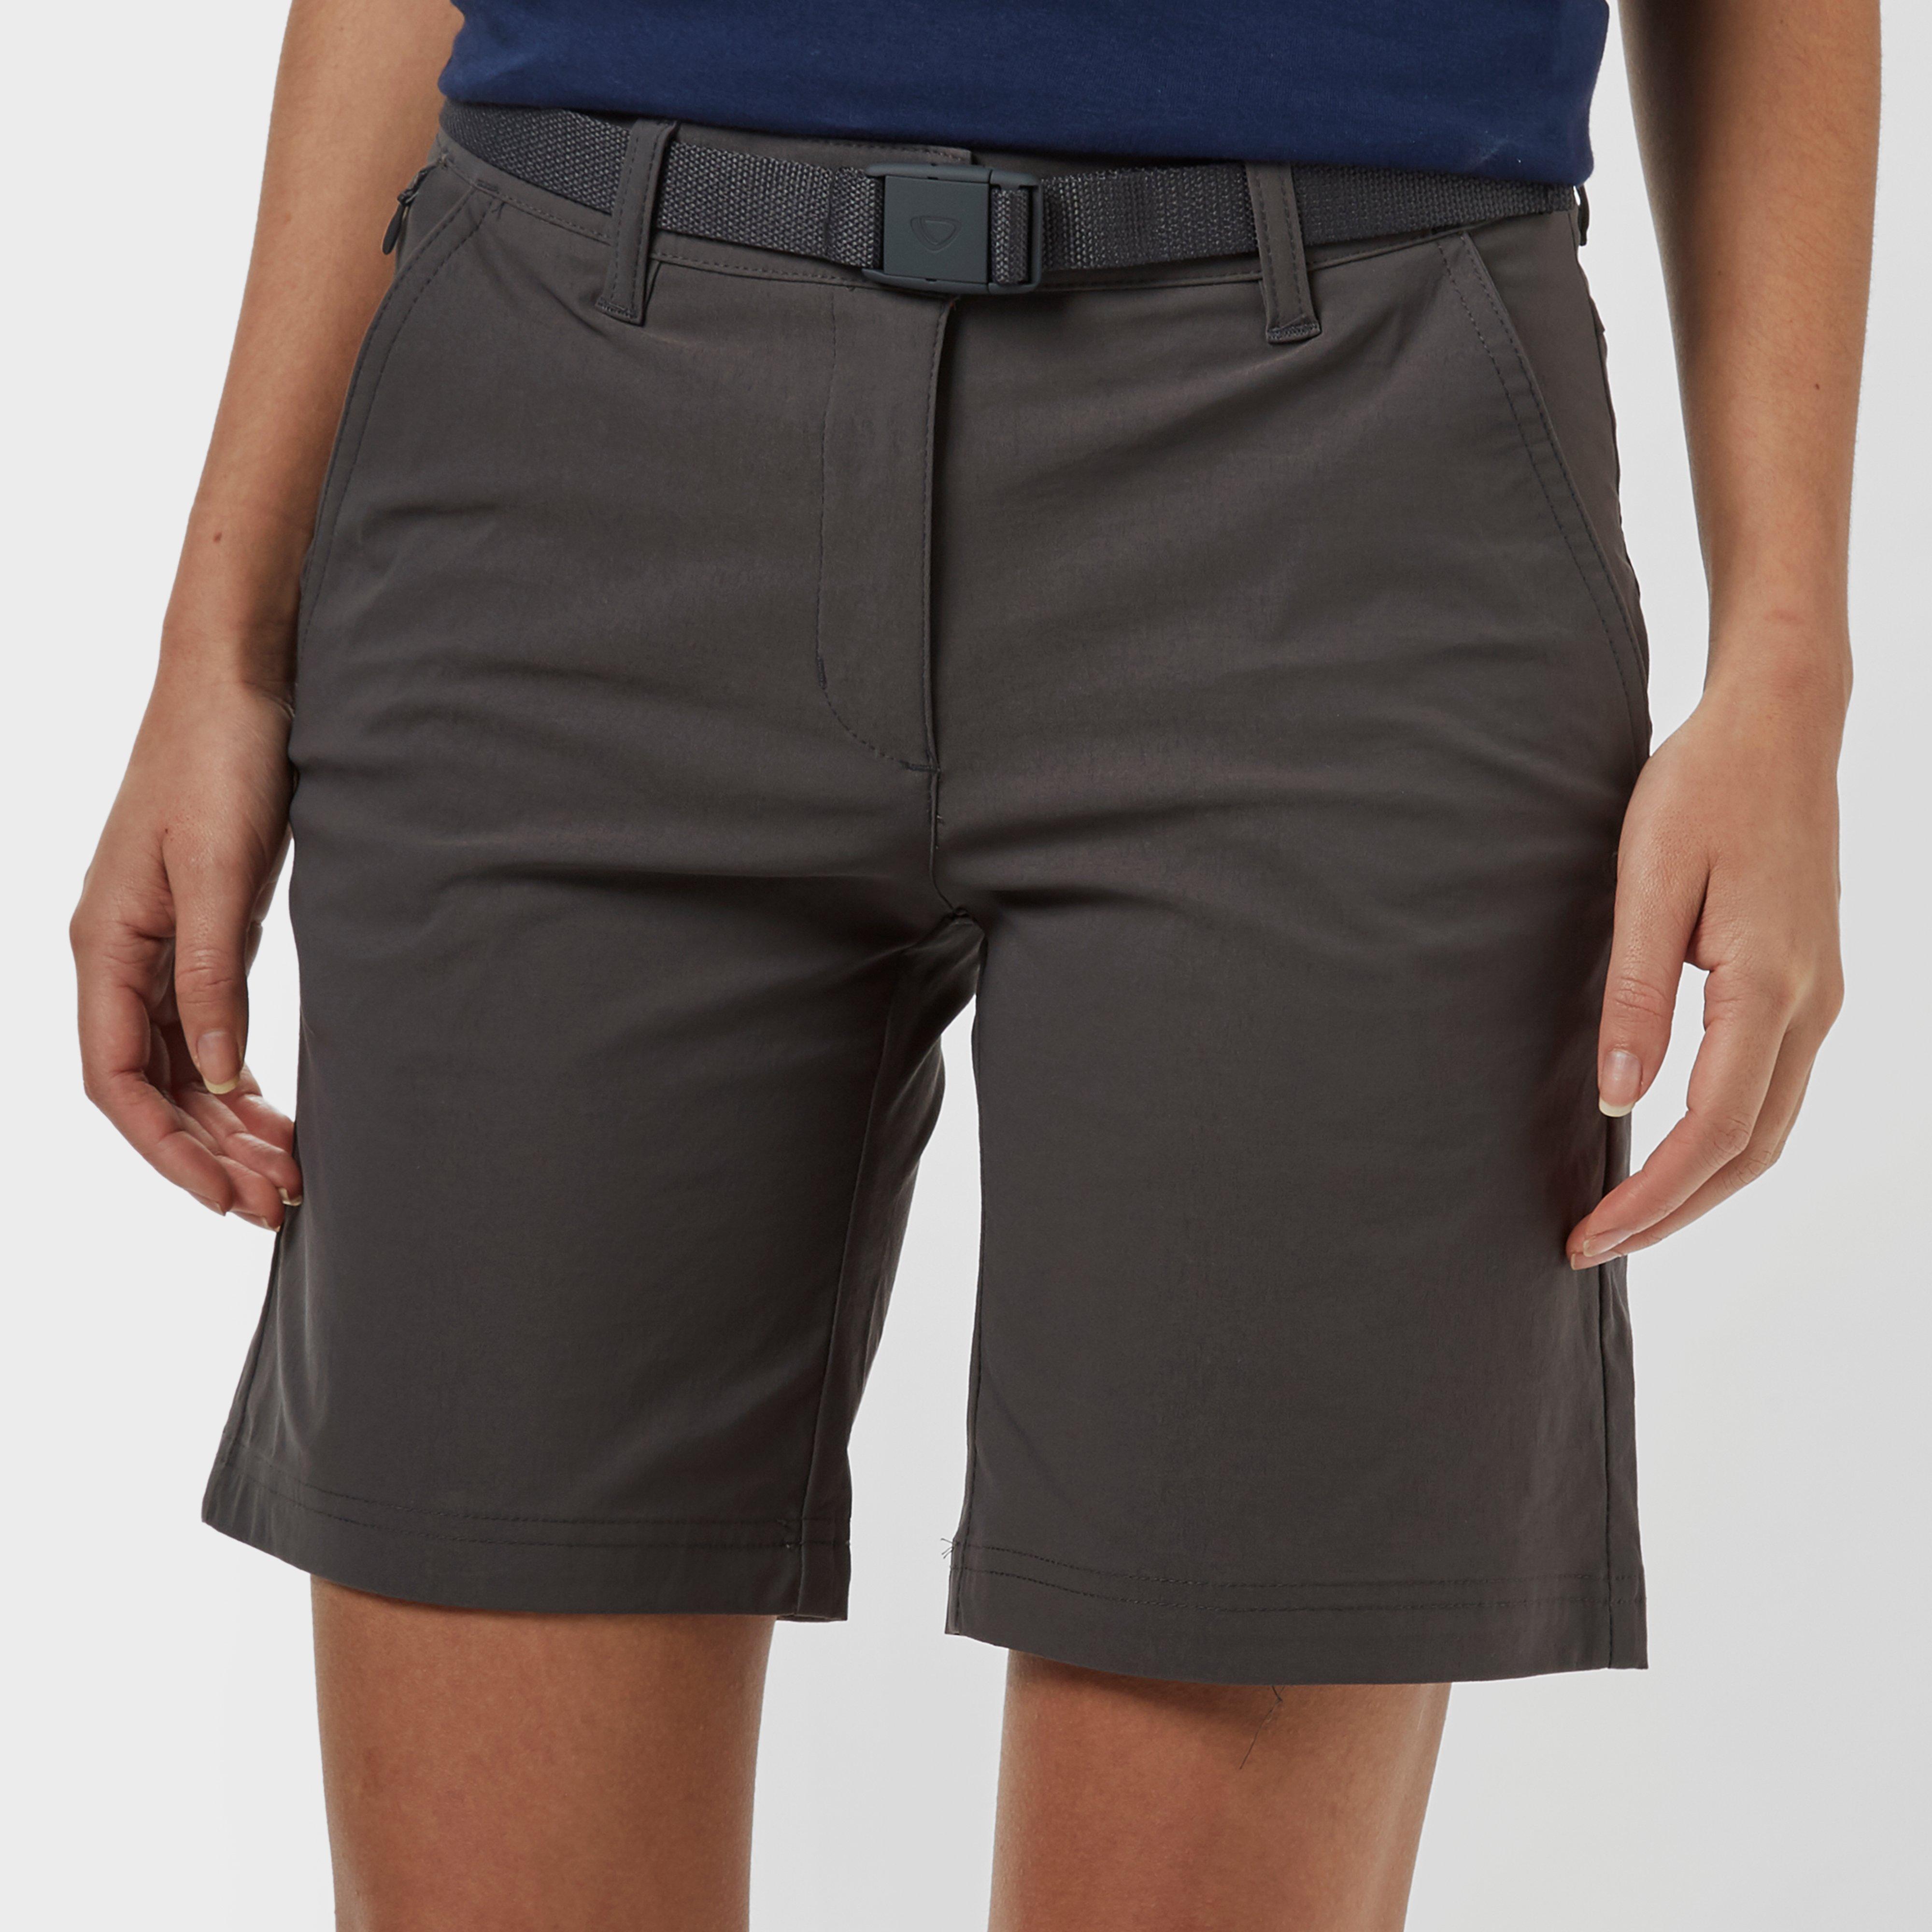 Brasher Brasher Womens Stretch Shorts - Grey, Grey